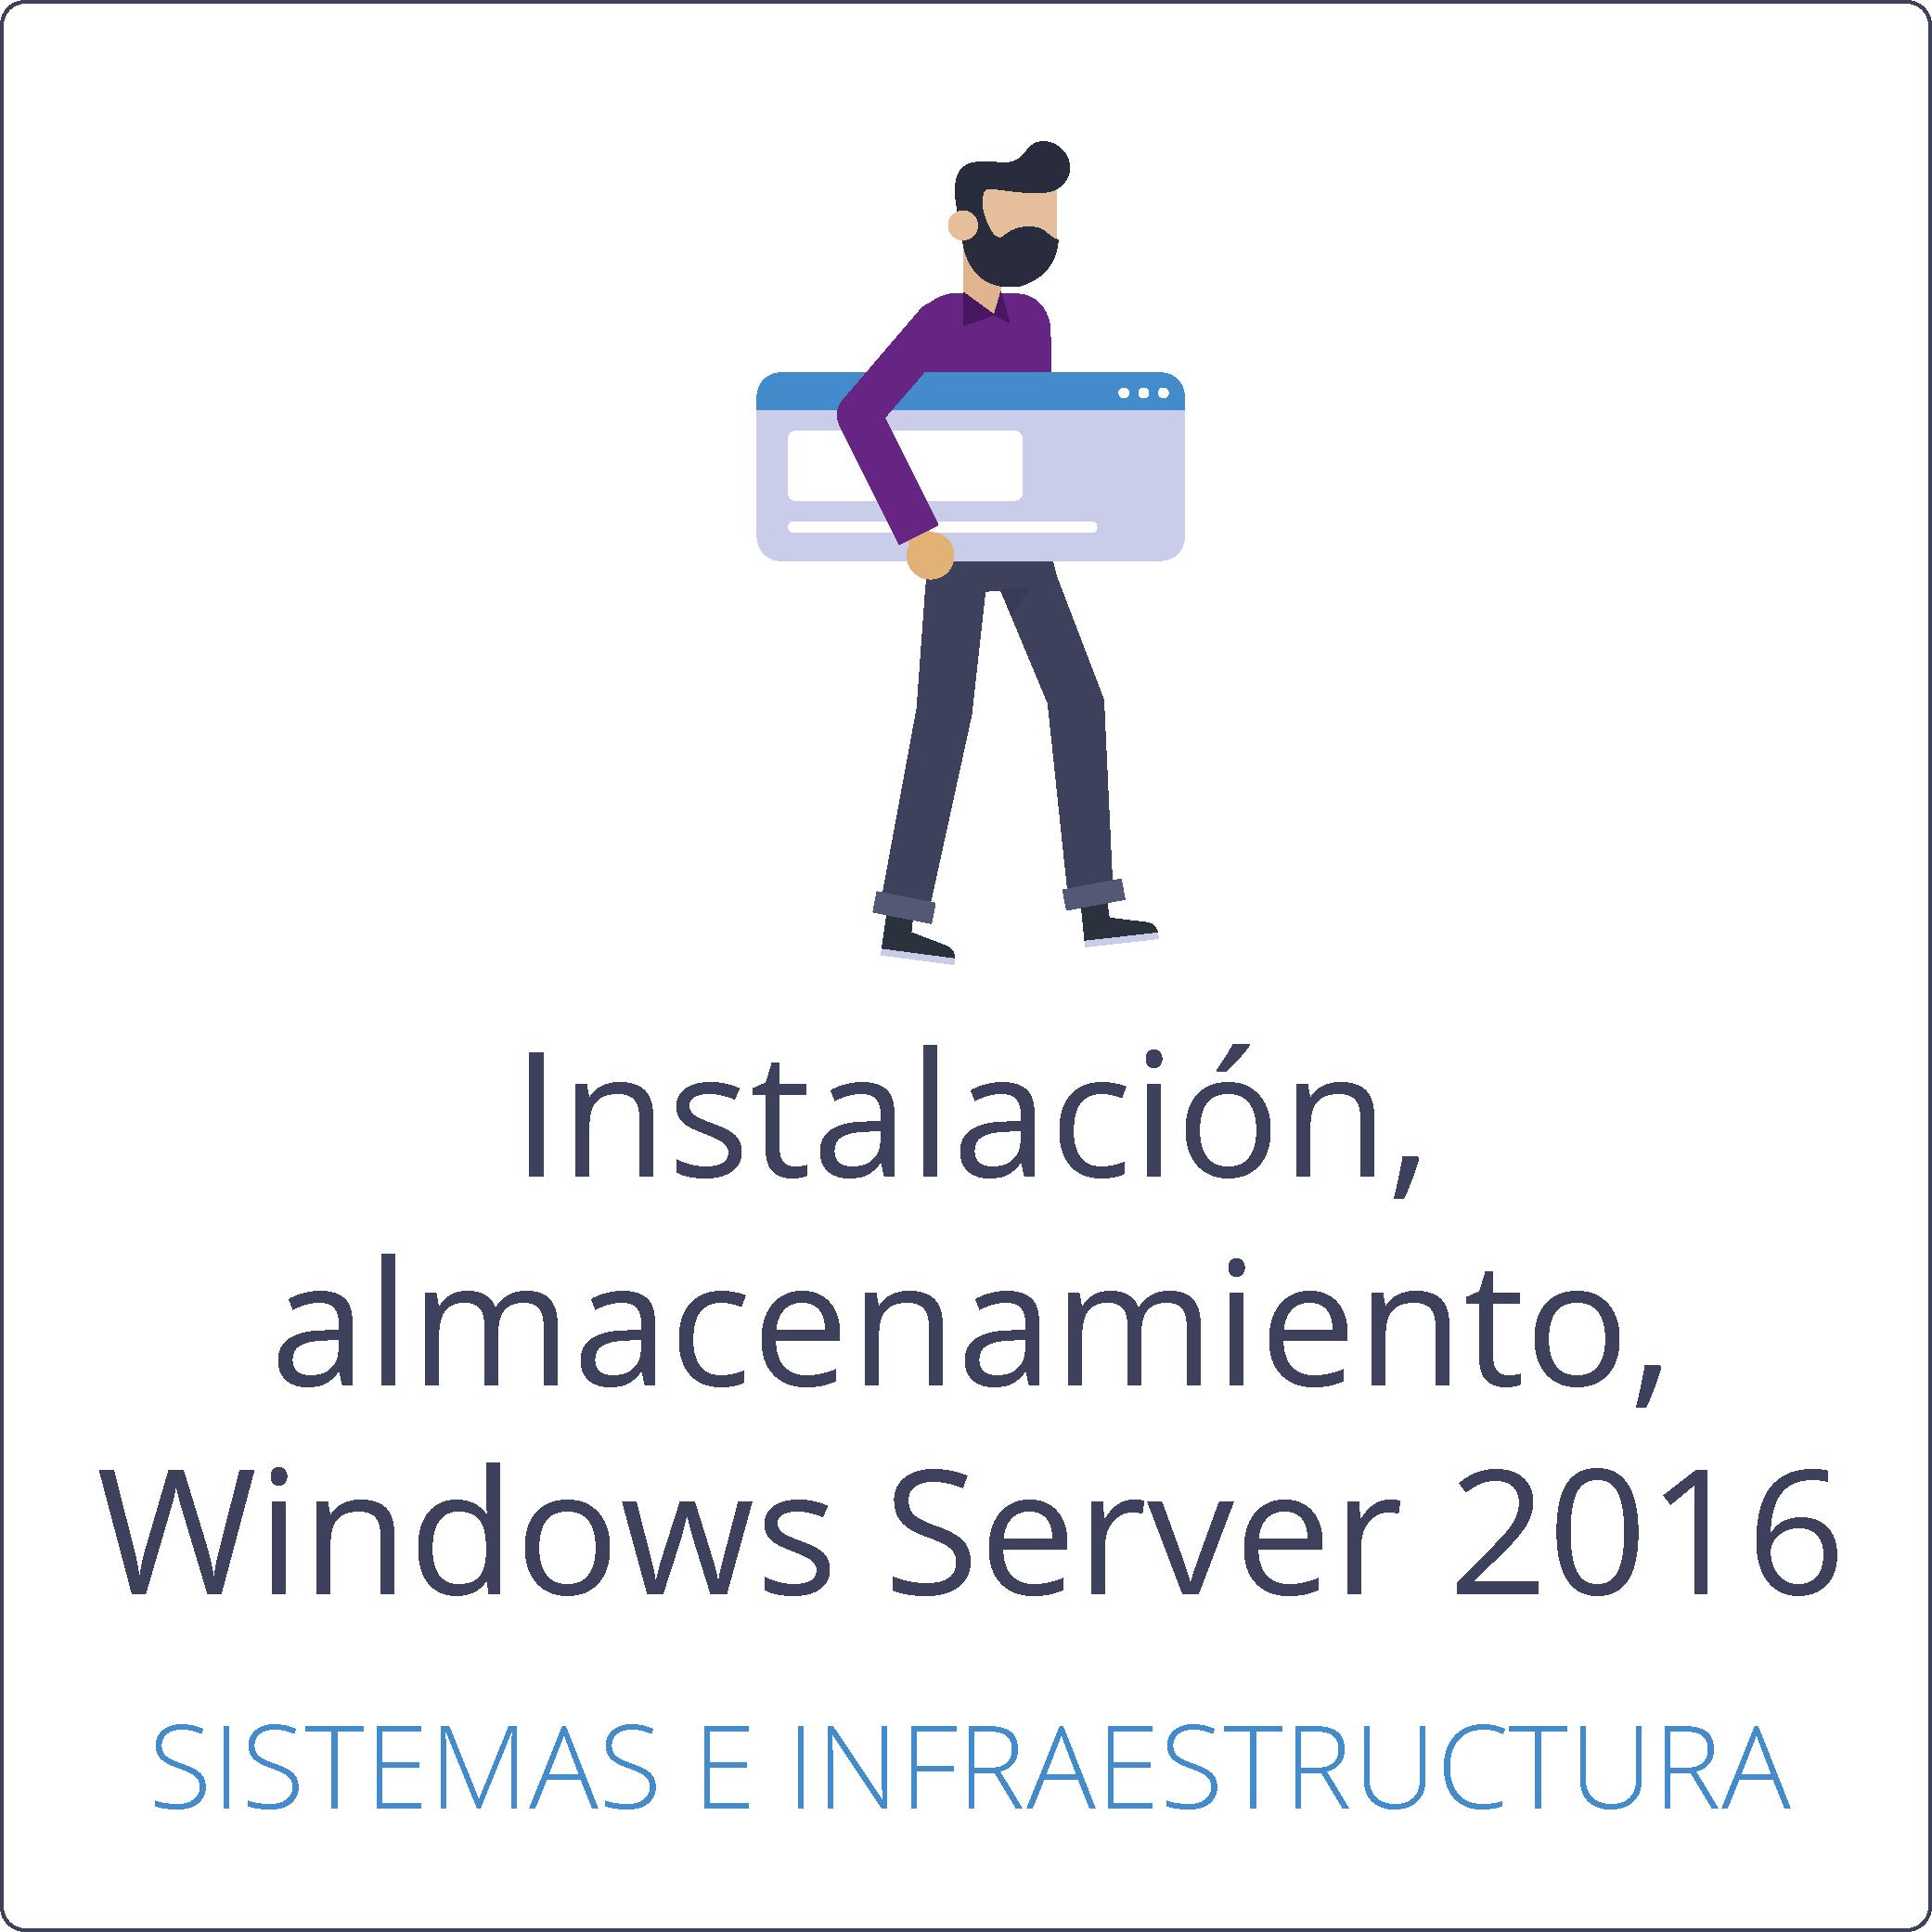 Instalación, almacenamiento y computación con Microsoft Windows Server 2016